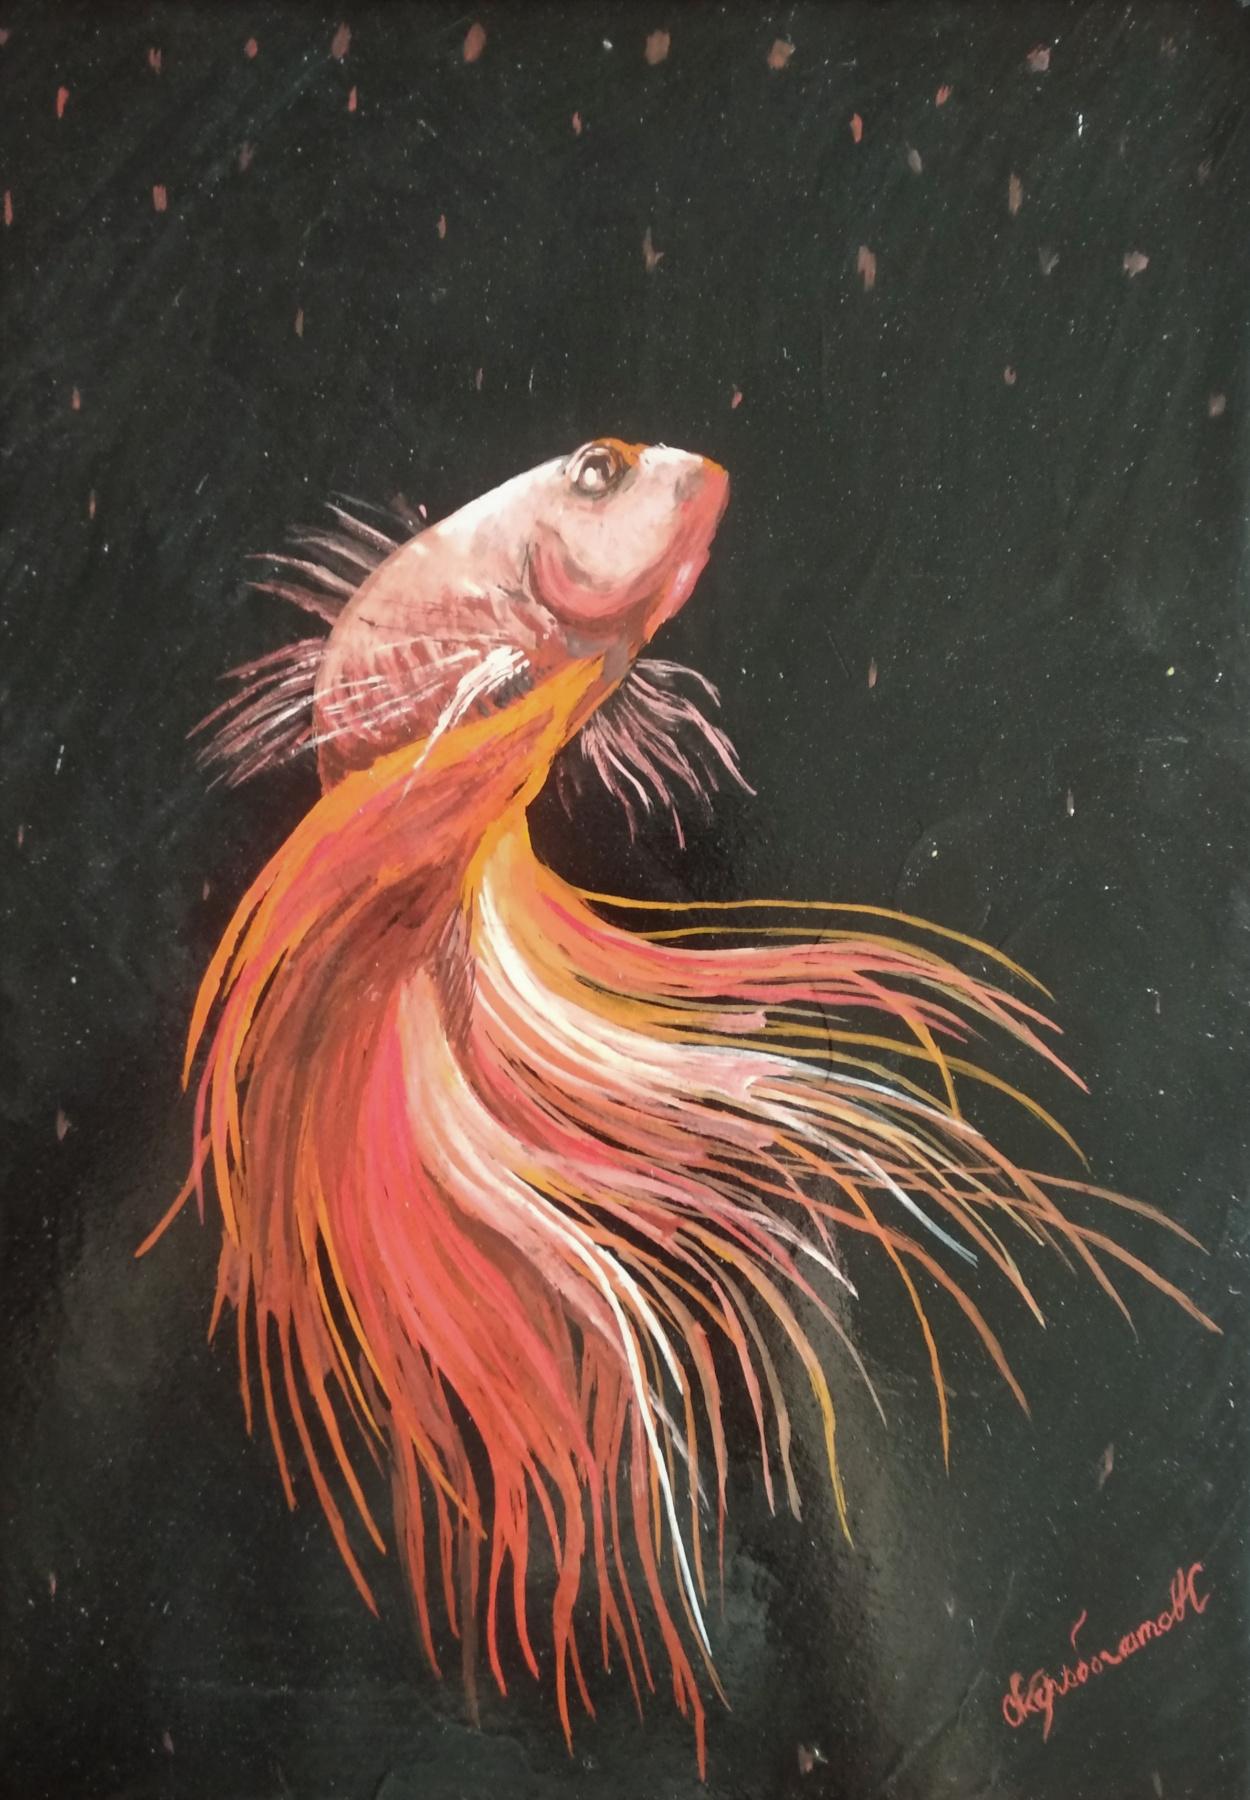 Sergey Vladimirovich Skorobogatov. Fish